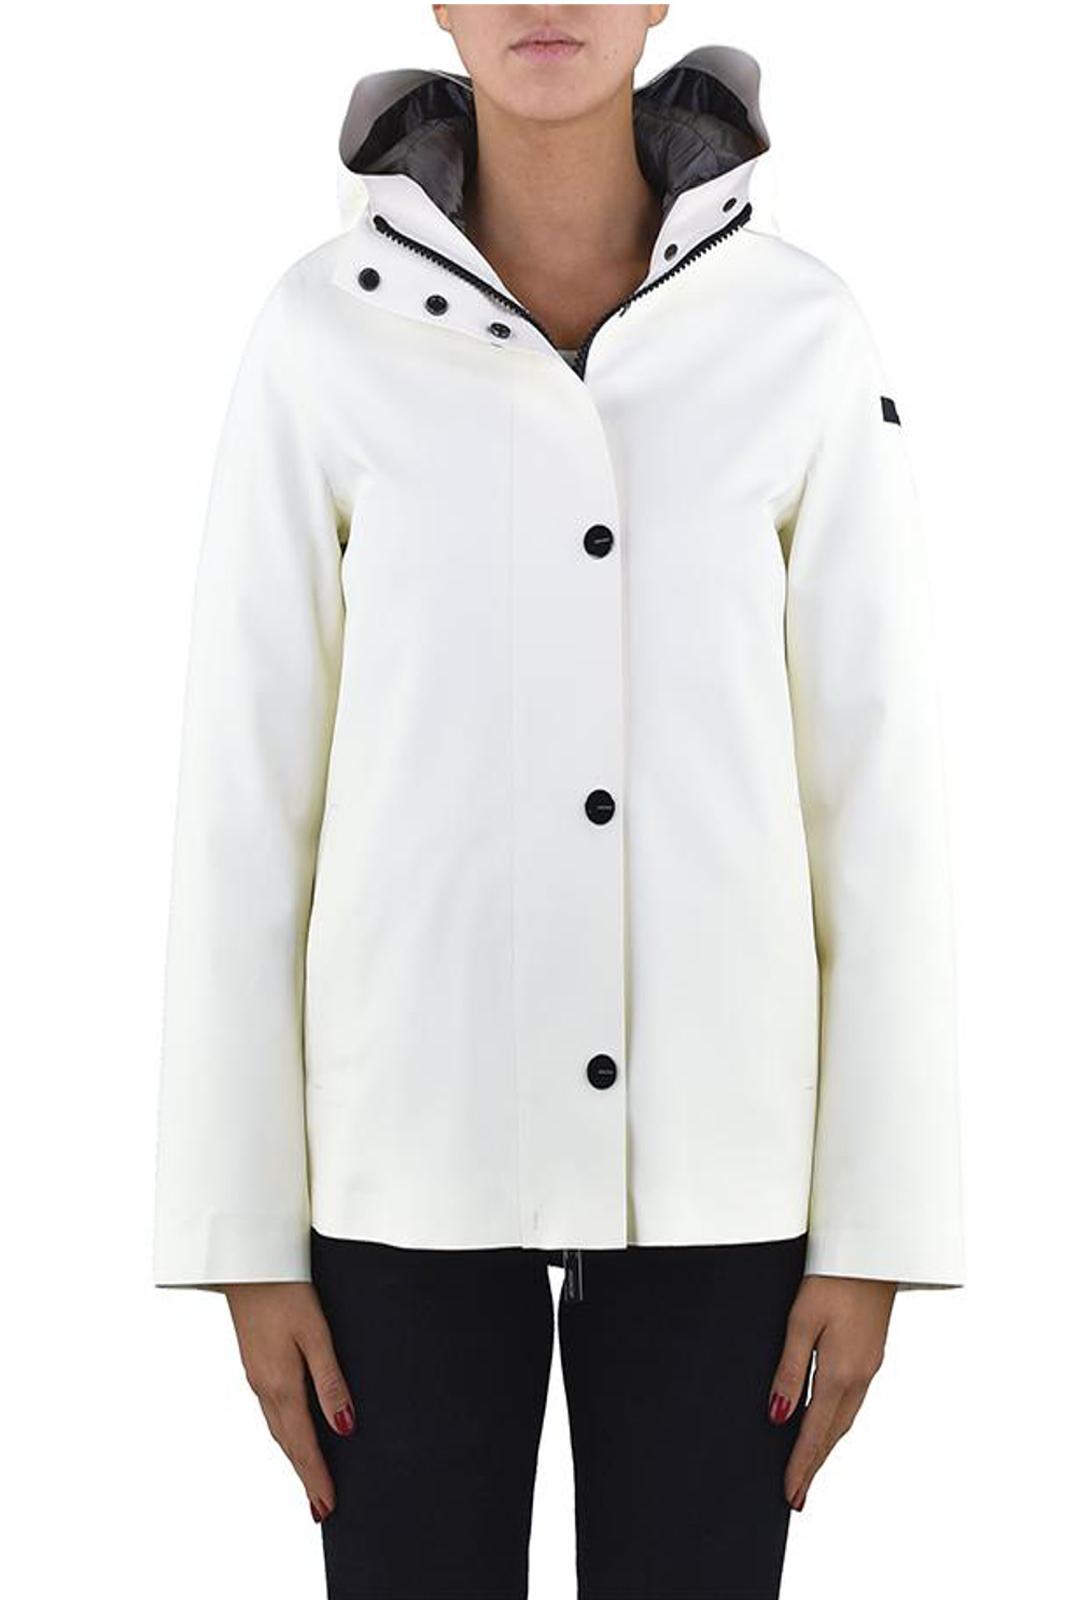 Un parka in tessuto tecnico per la nuova collezione donna firmata RRD.  Il rivestimento in poliuretano lo rende perfetto come anti pioggia per un look ricercato anche nelle piovose giornate invernali.  Da abbinare ad un paio di calosce per un risultato glamour e chic.